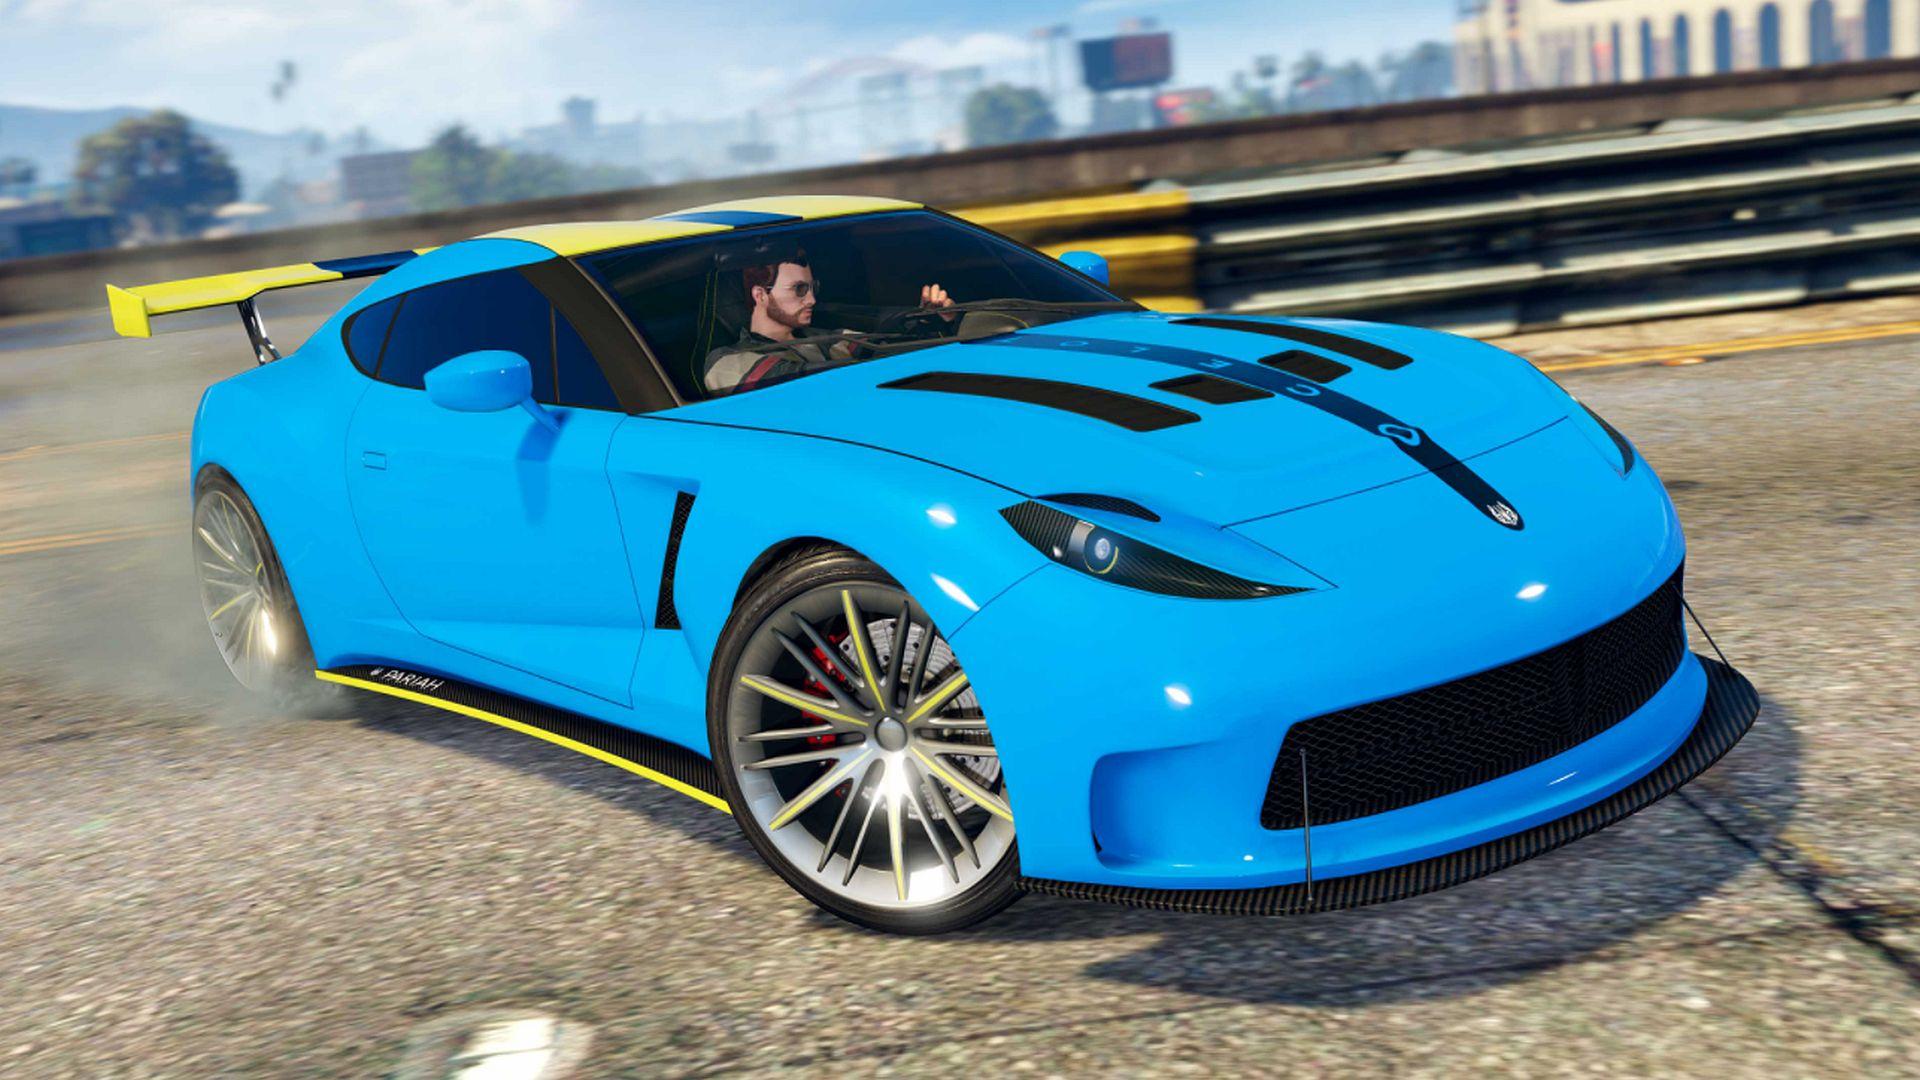 GTA Online's weekly update brings Kart Krash: Full Auto and the Growler